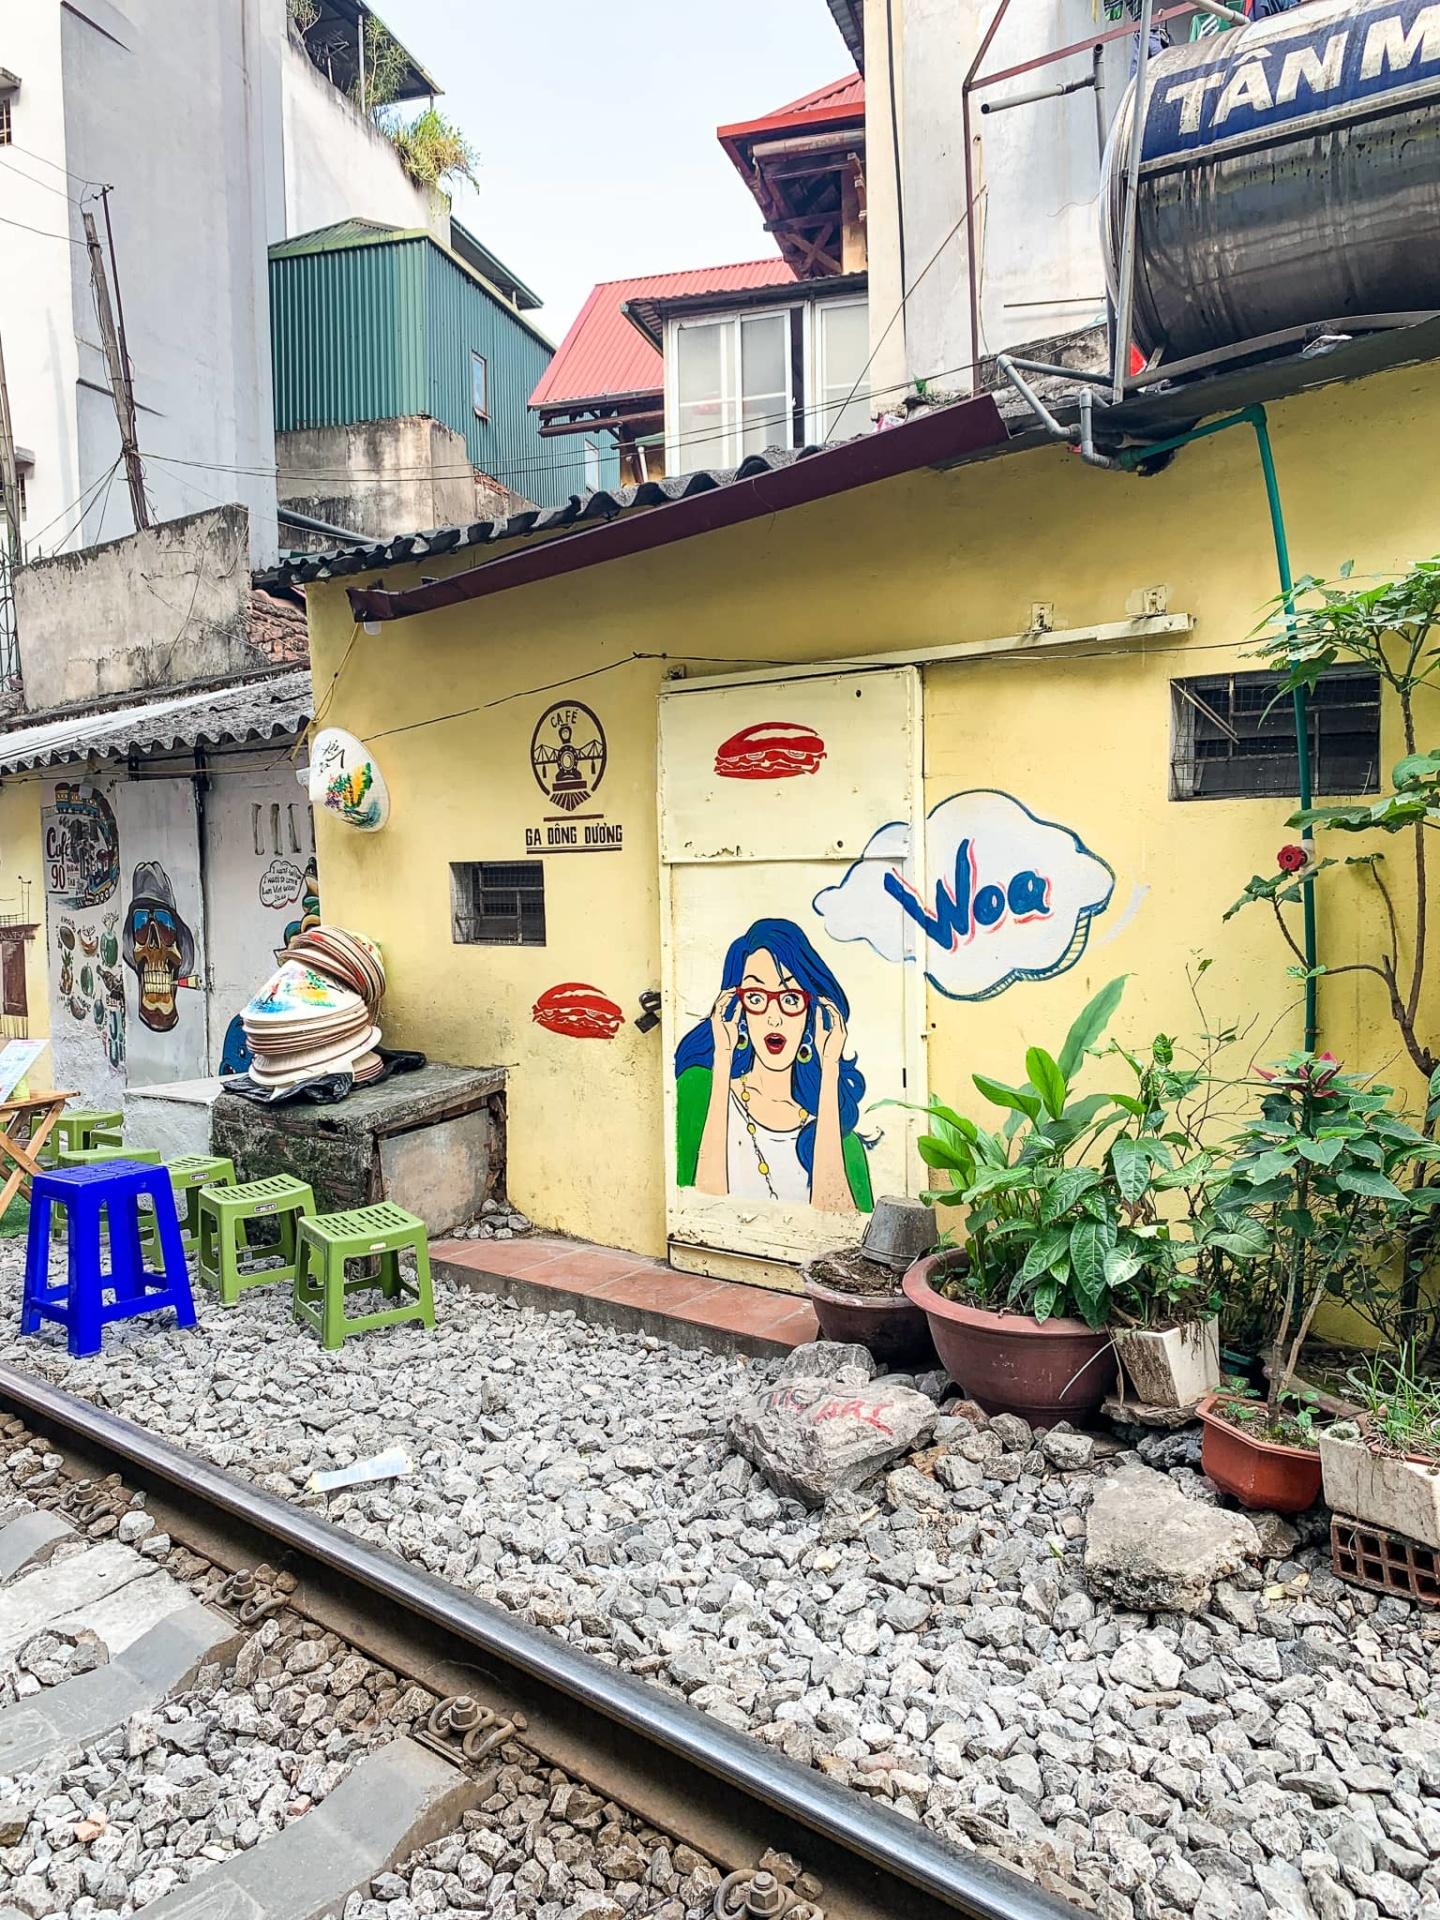 rue du train hanoi